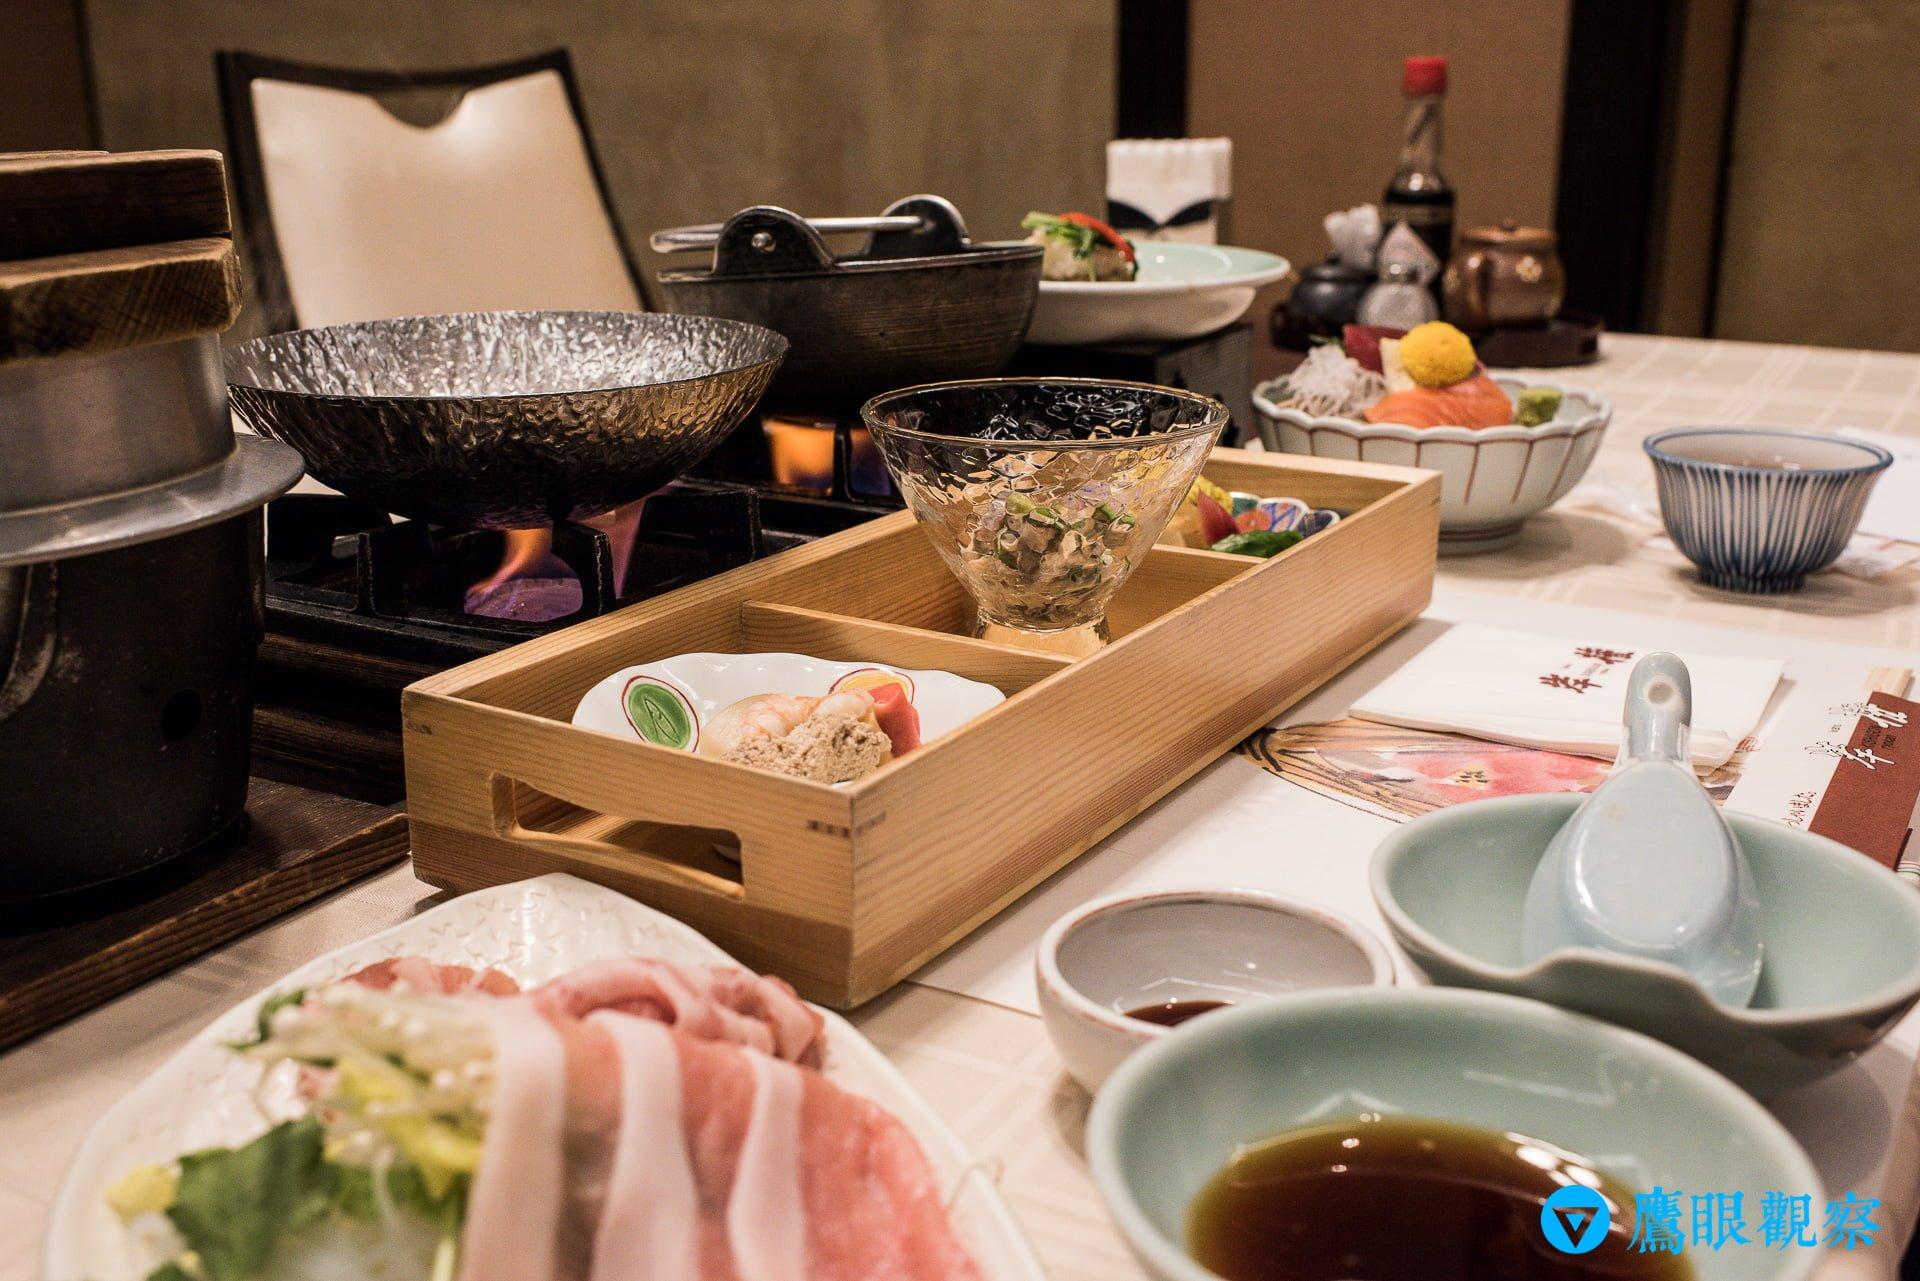 travel Japan gunma kishigon ryokan hotel in izumo spa hot spring 13 群馬縣伊香保溫泉「岸權旅館」日本旅館住宿推薦